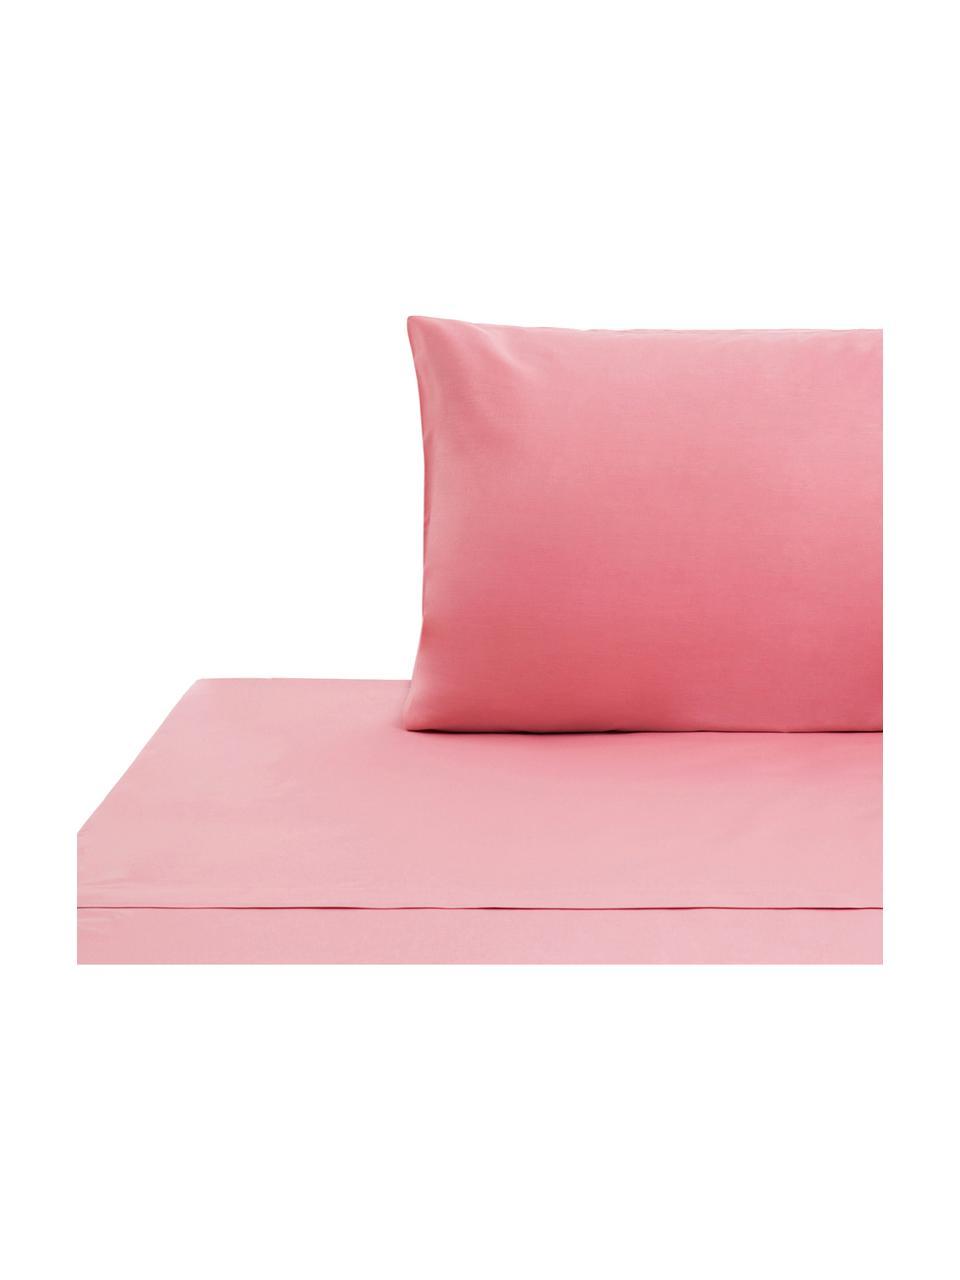 Set lenzuola in cotone rosa Lenare, Fronte e retro: rosa, 150 x 290 cm + 1 federa 50 x 80 cm